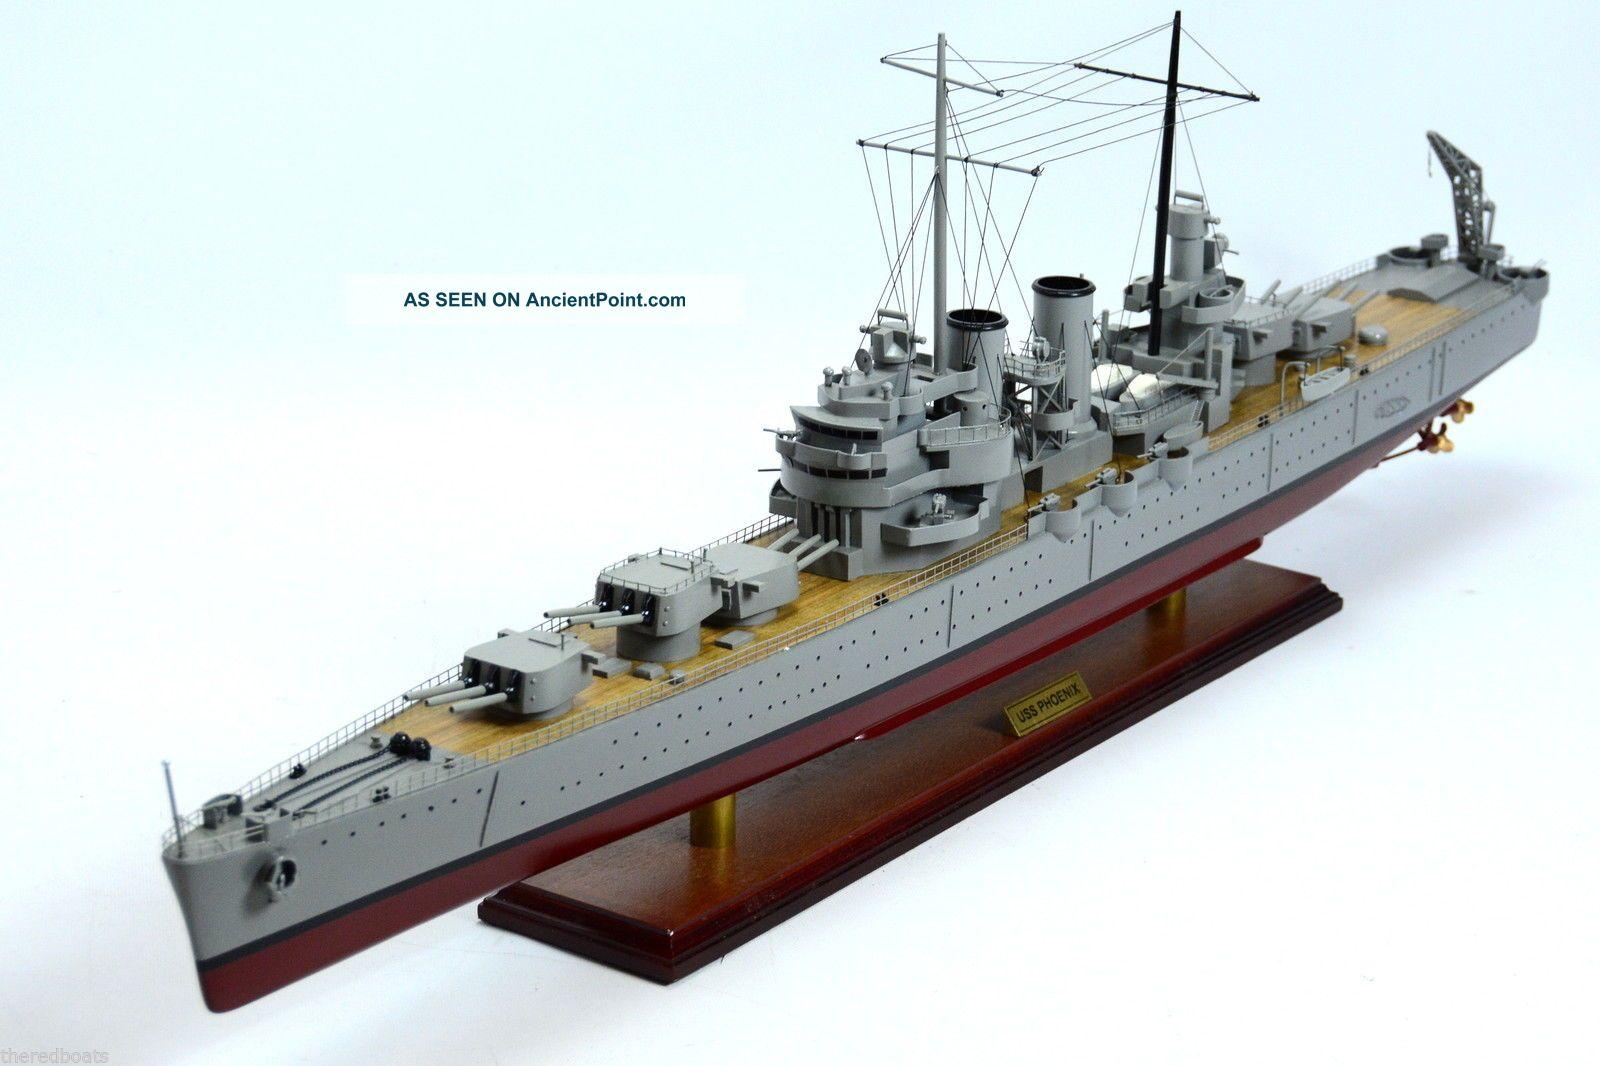 Uss Phoenix Cl - 46 Brooklyn - Class Cruiser Wooden Warship Model See more USS Phoenix Cl- 46 Brooklyn-class Cruiser Wood... photo